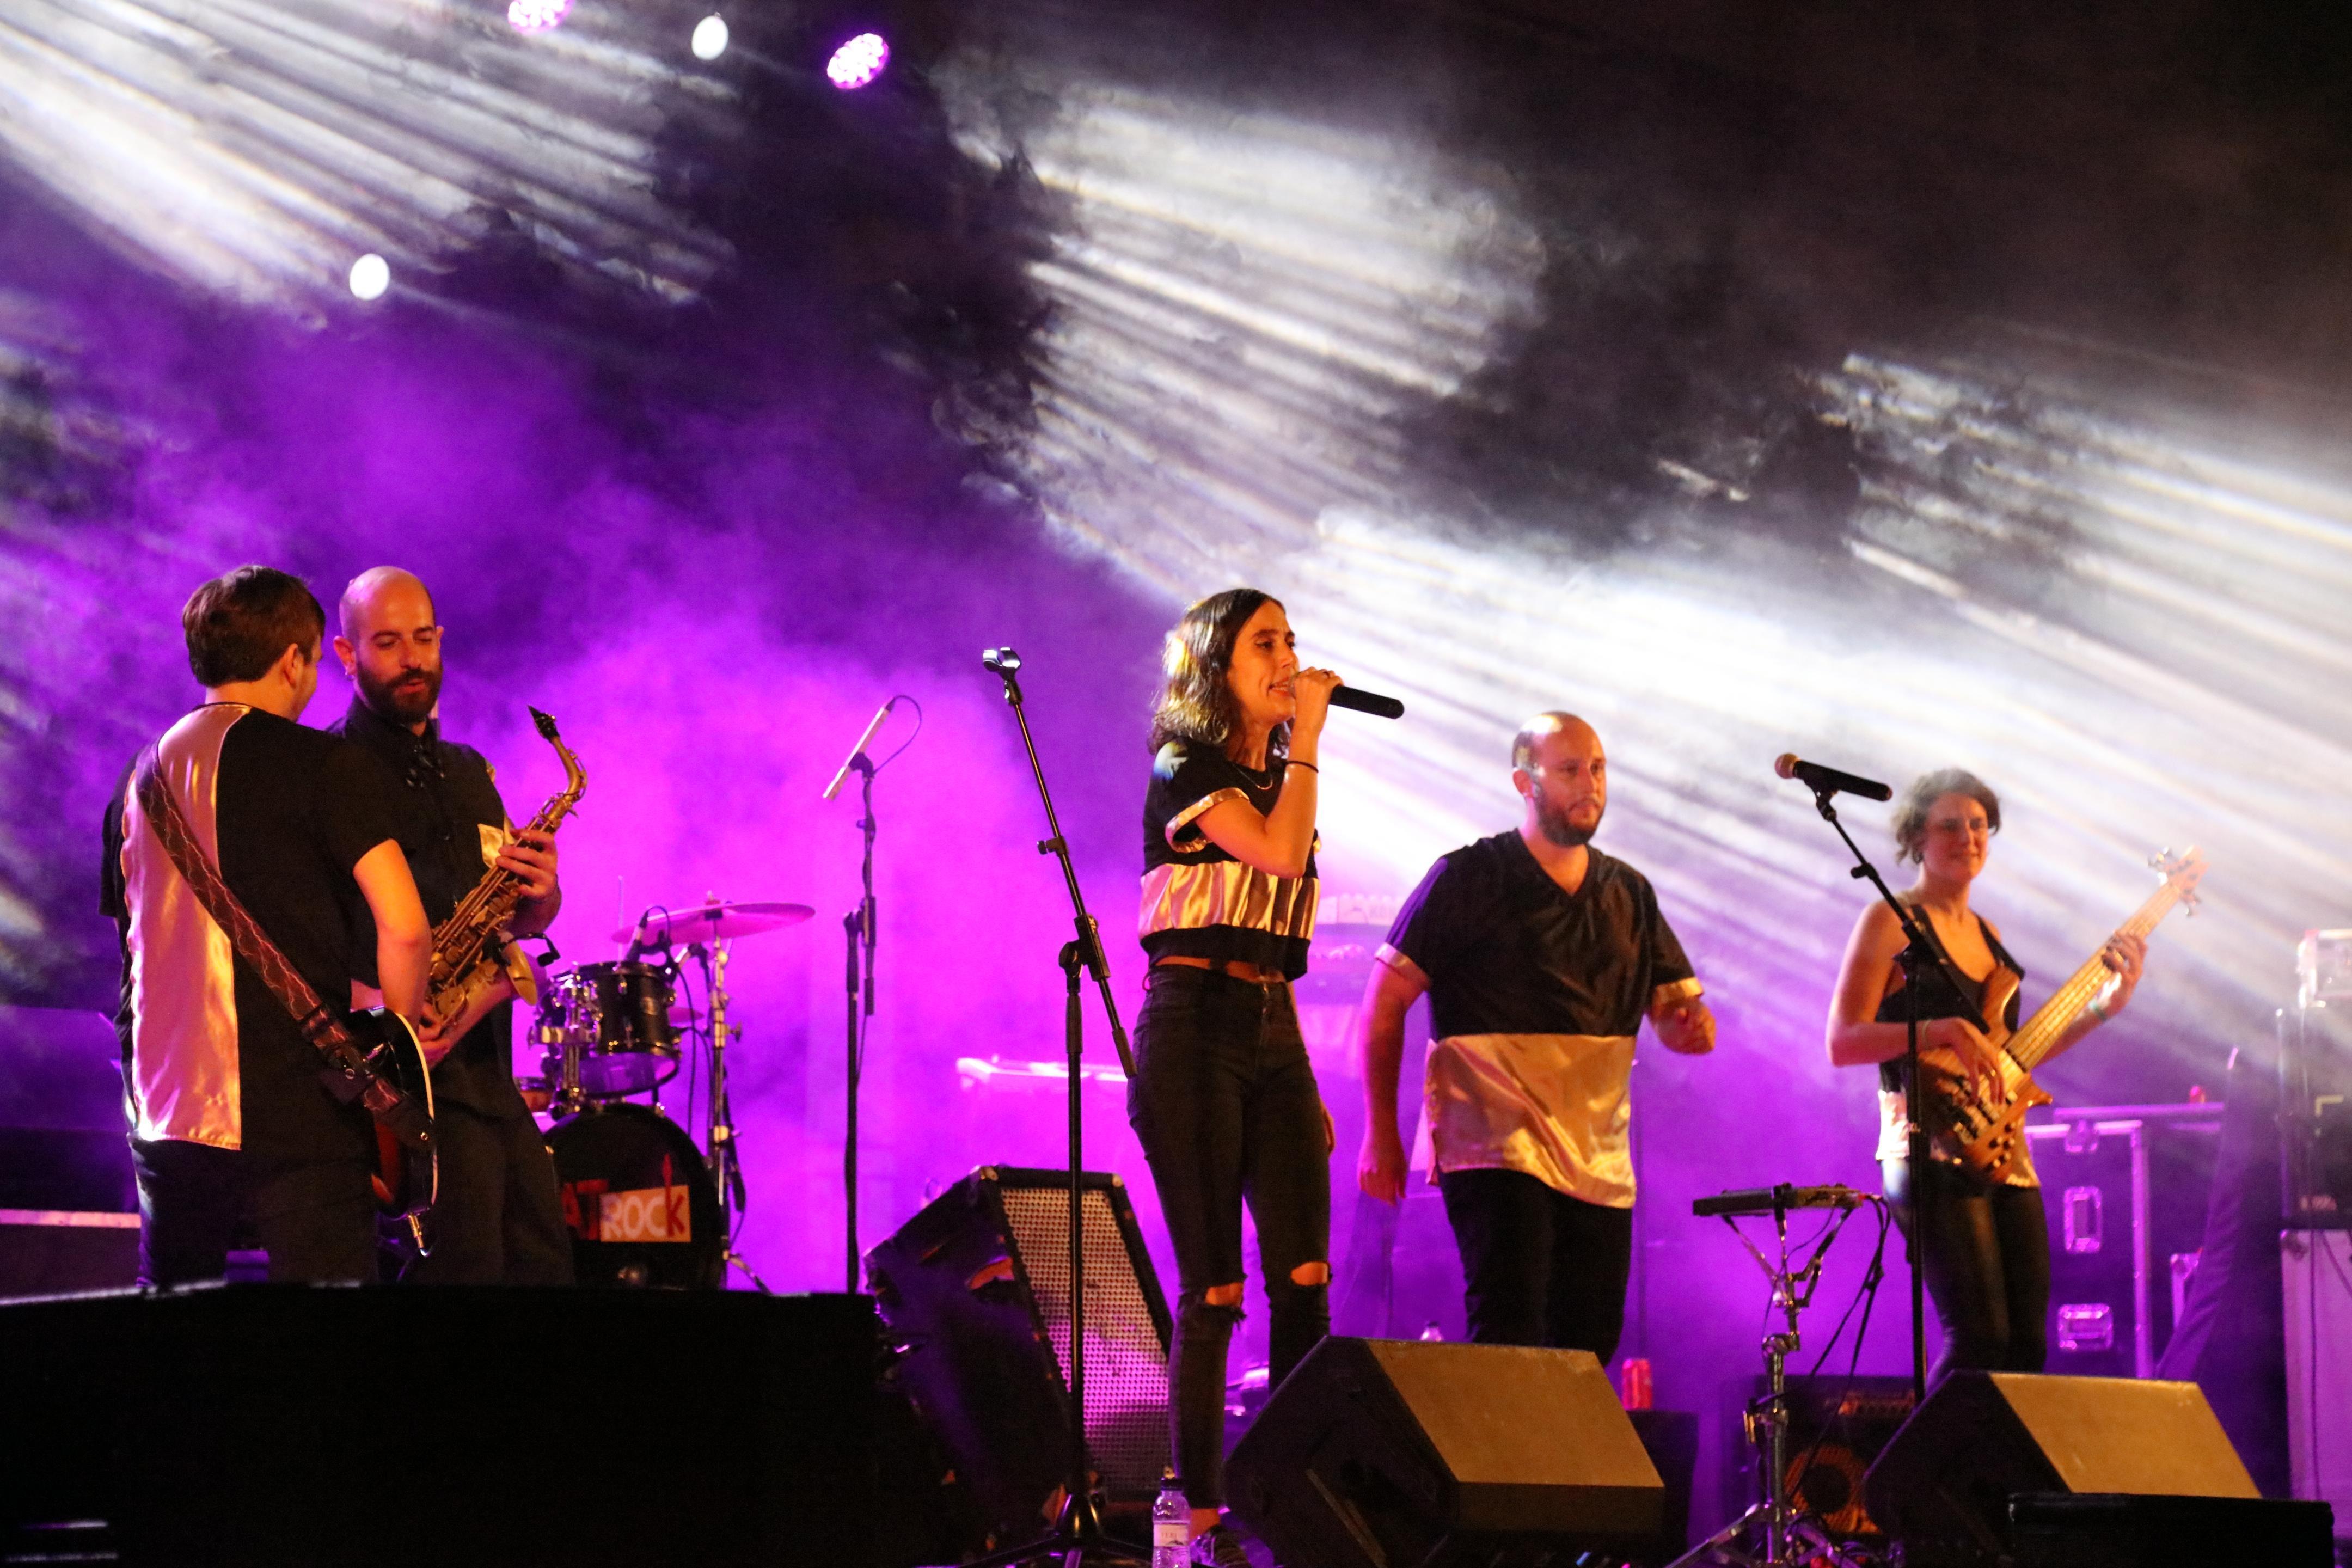 MISERICÒRDIA 2018 - Revetlla Go Fabri Open Air Festival Misericòrdia 2018